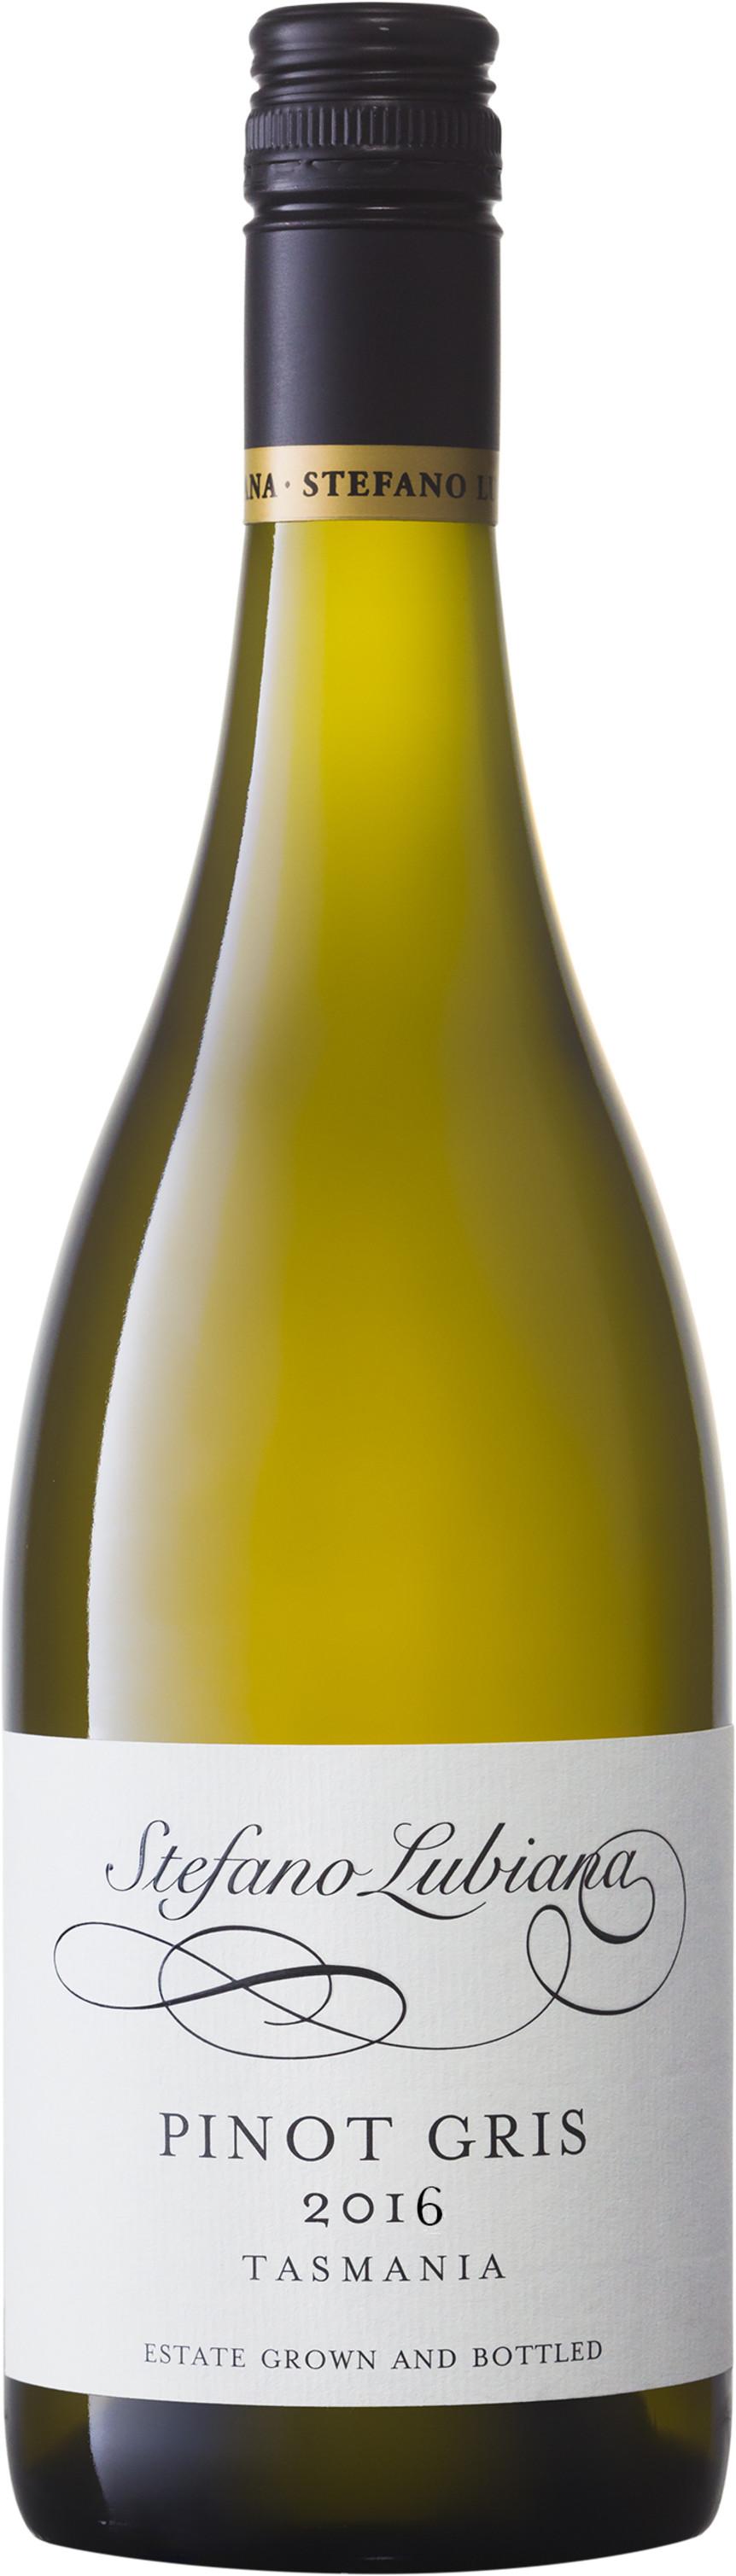 Pinot Gris 2016 Biodynamic